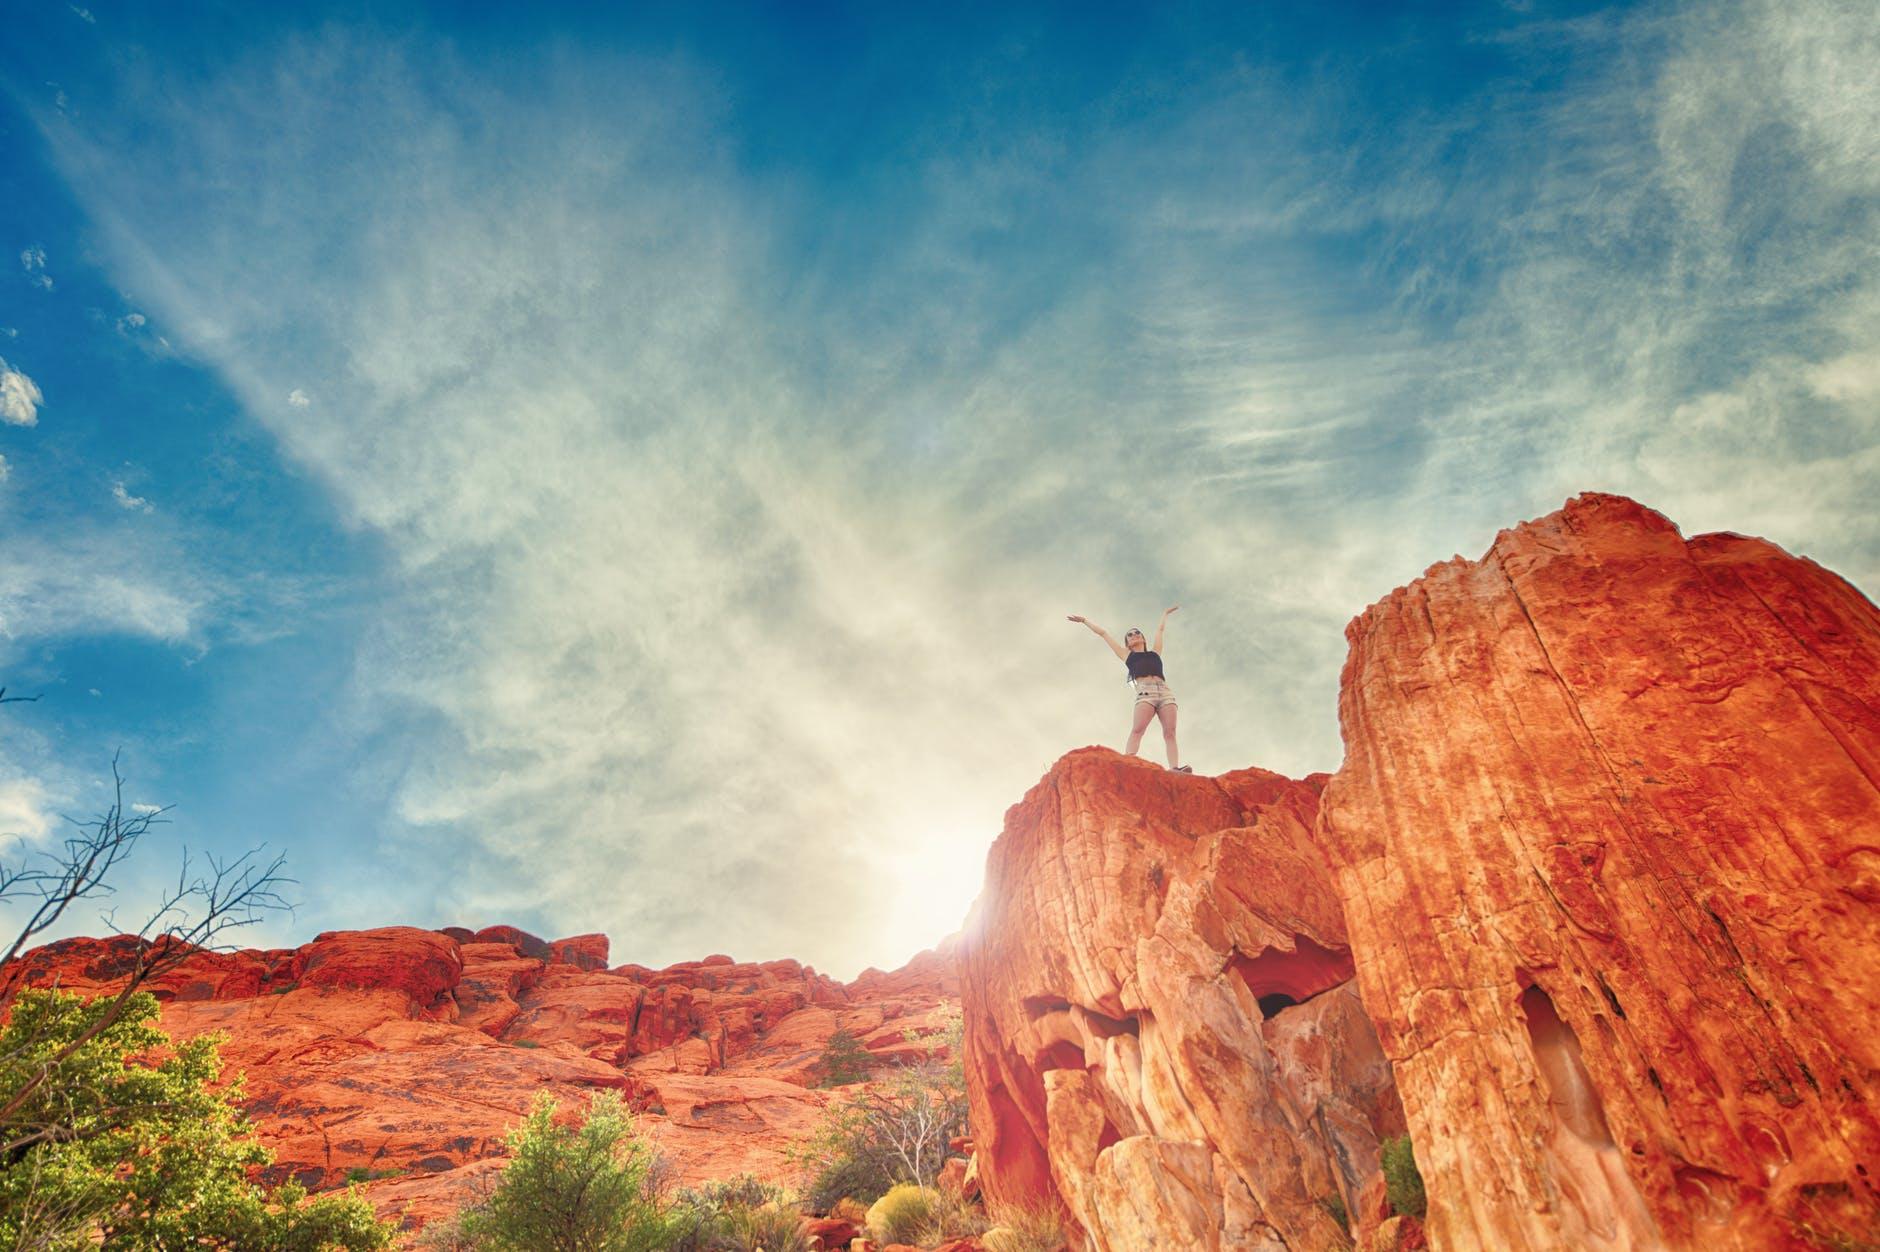 woman at mountain peak image